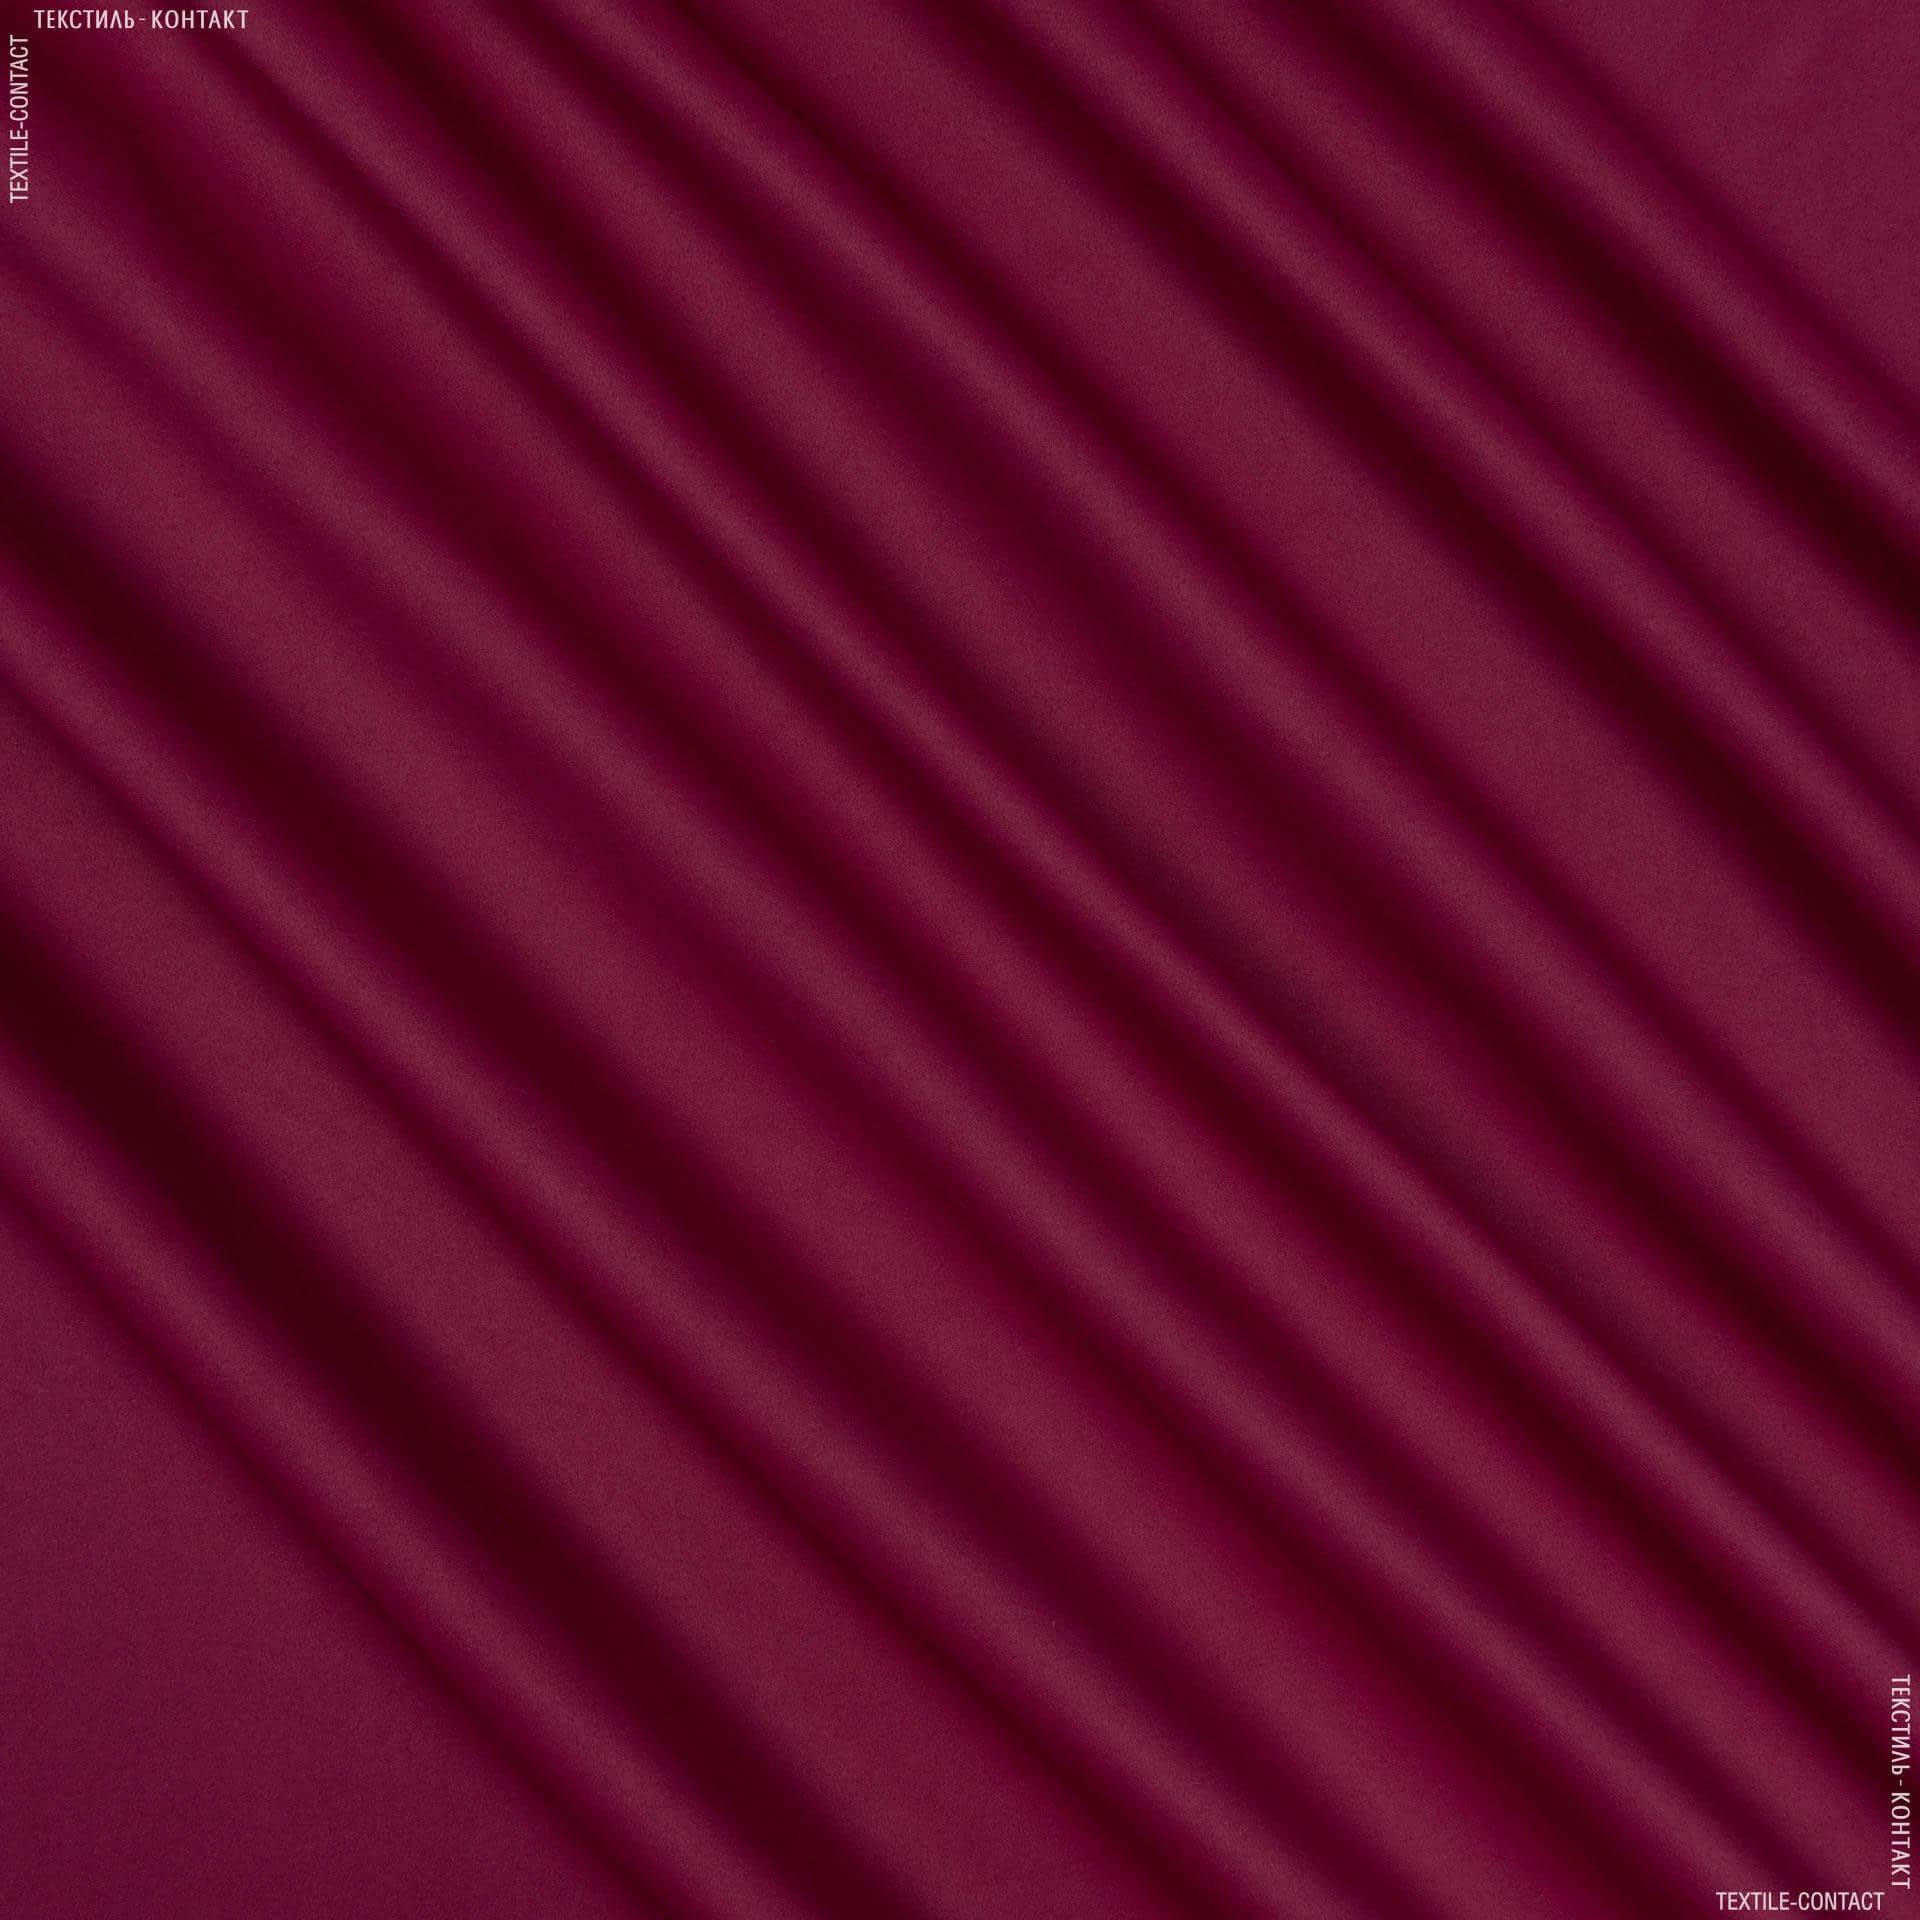 Ткани портьерные ткани - БЛЕКАУТ ОДНОТОННЫЙ/ BLACKOUT ВИШНЯ-2 полосатость